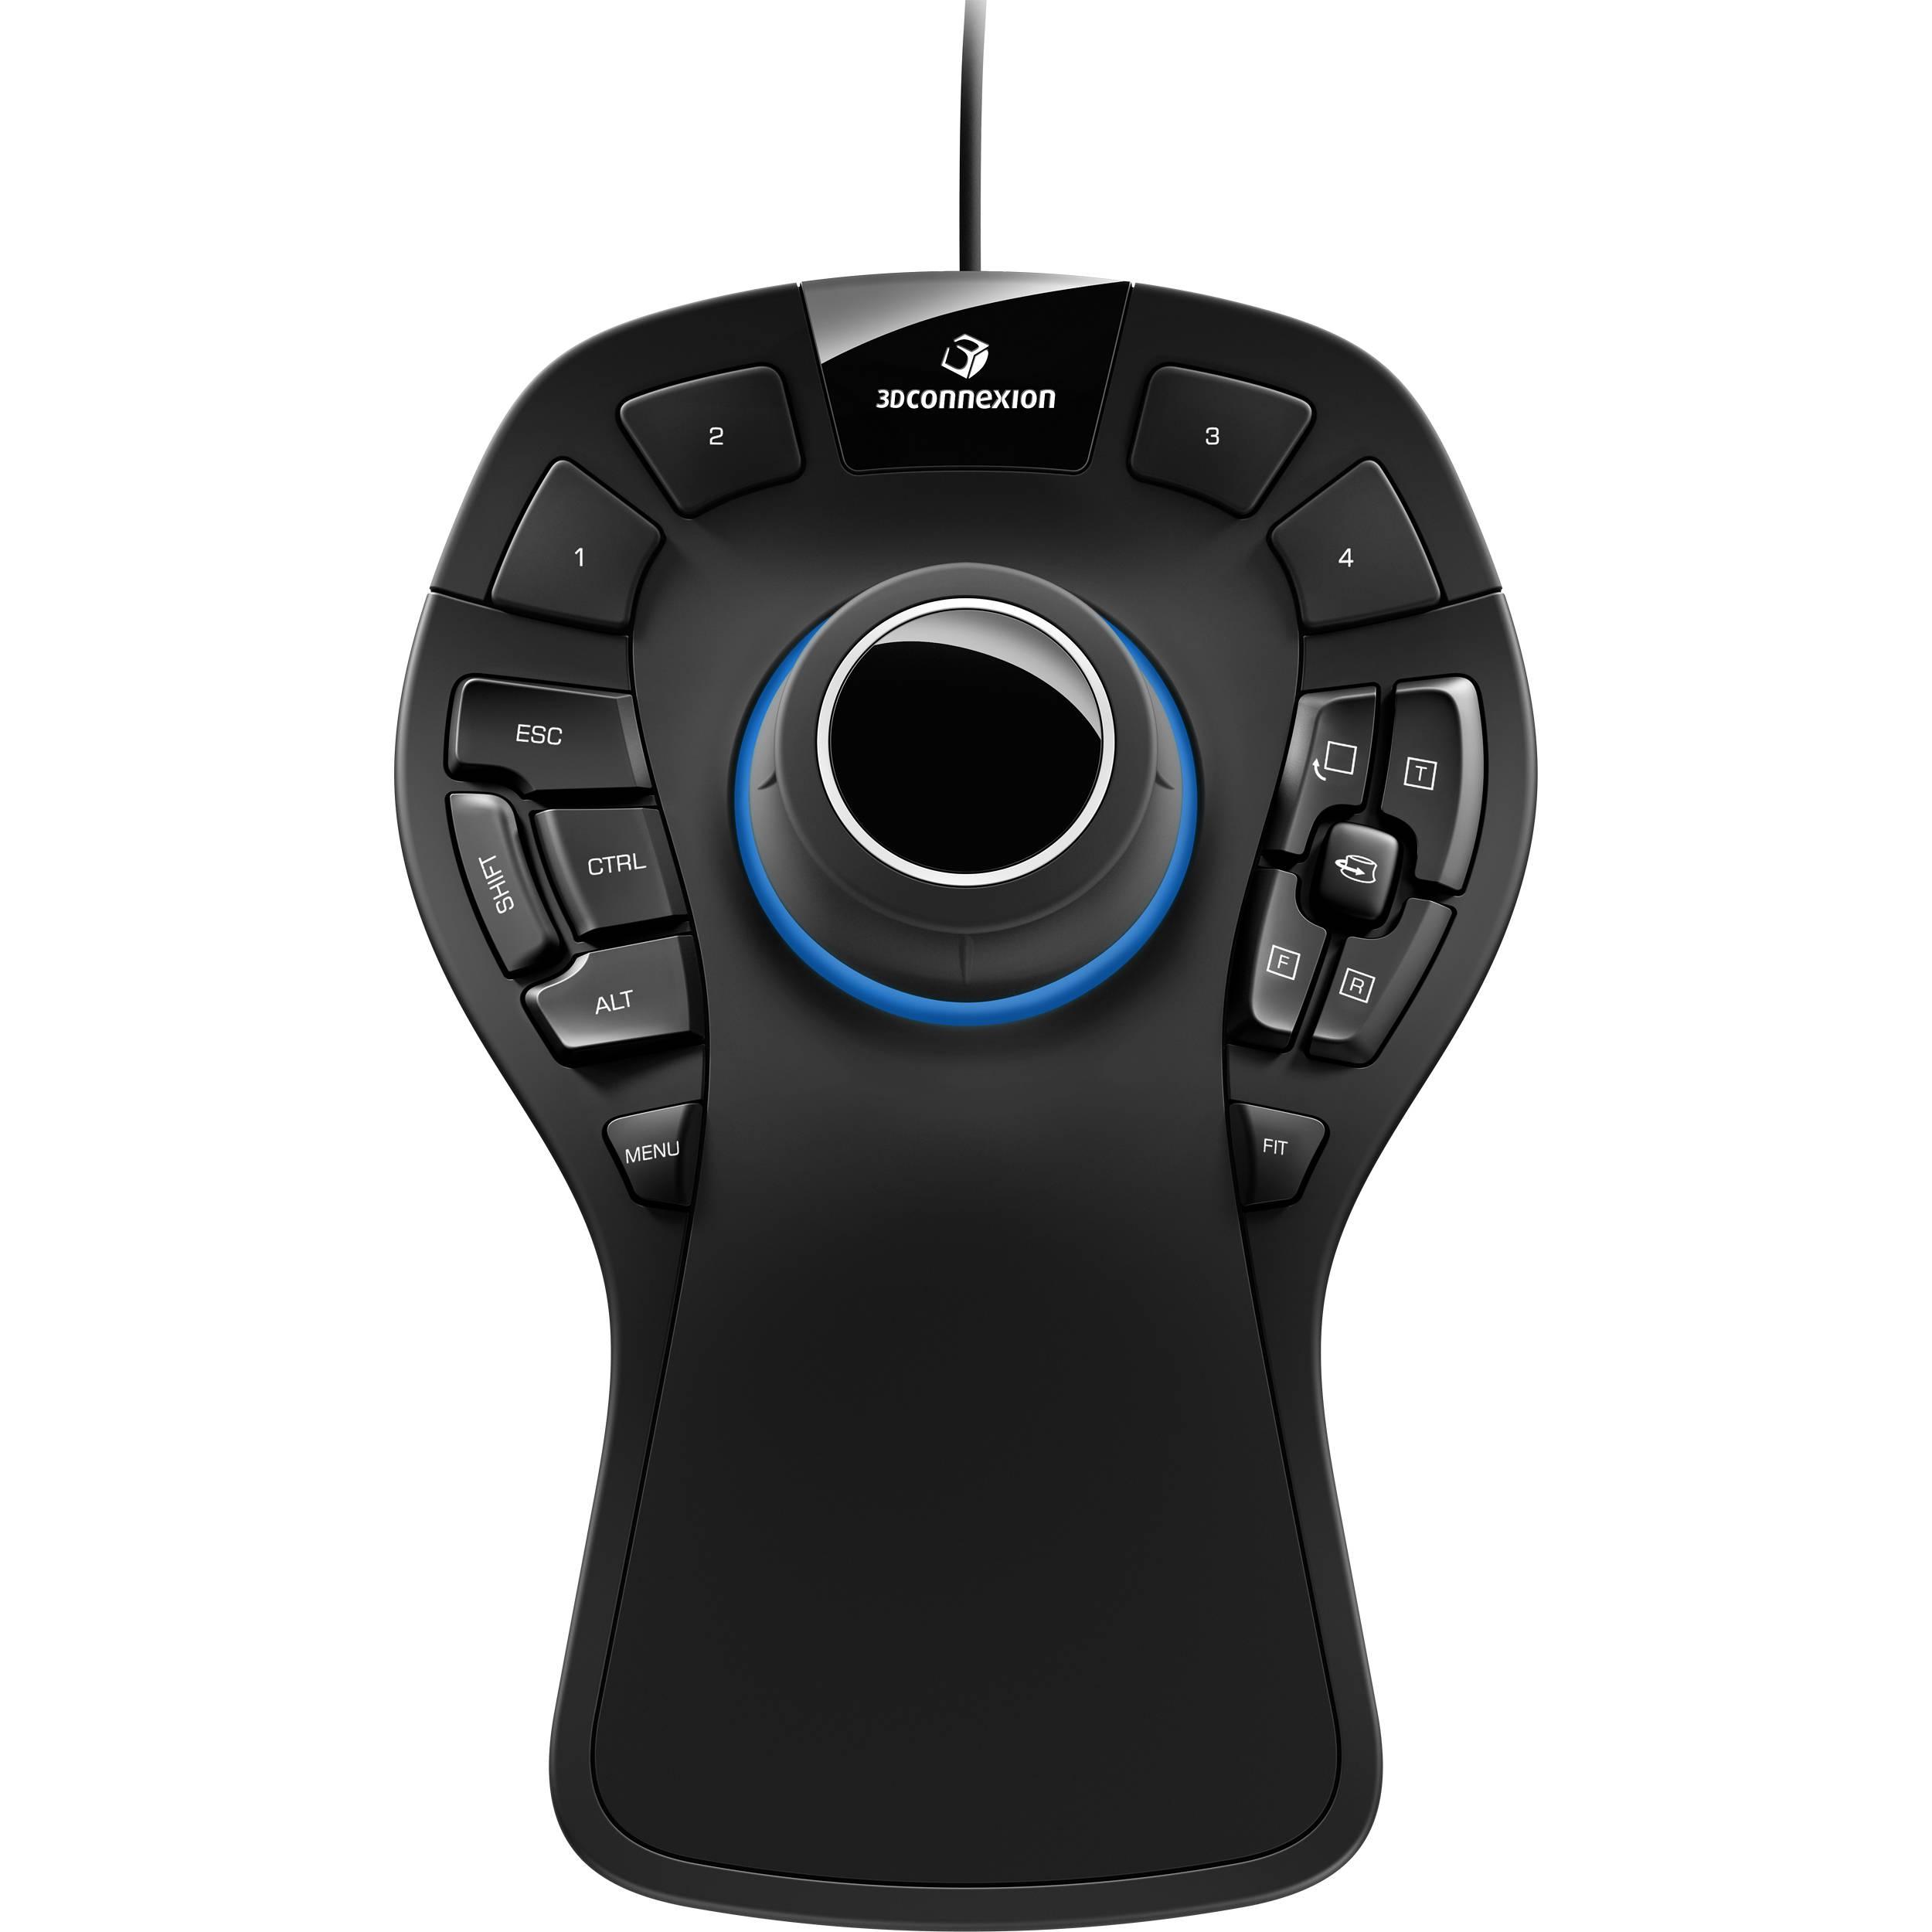 3Dconnexion SpaceMouse Pro 3D Mouse 3DX-700040 B&H Photo Video